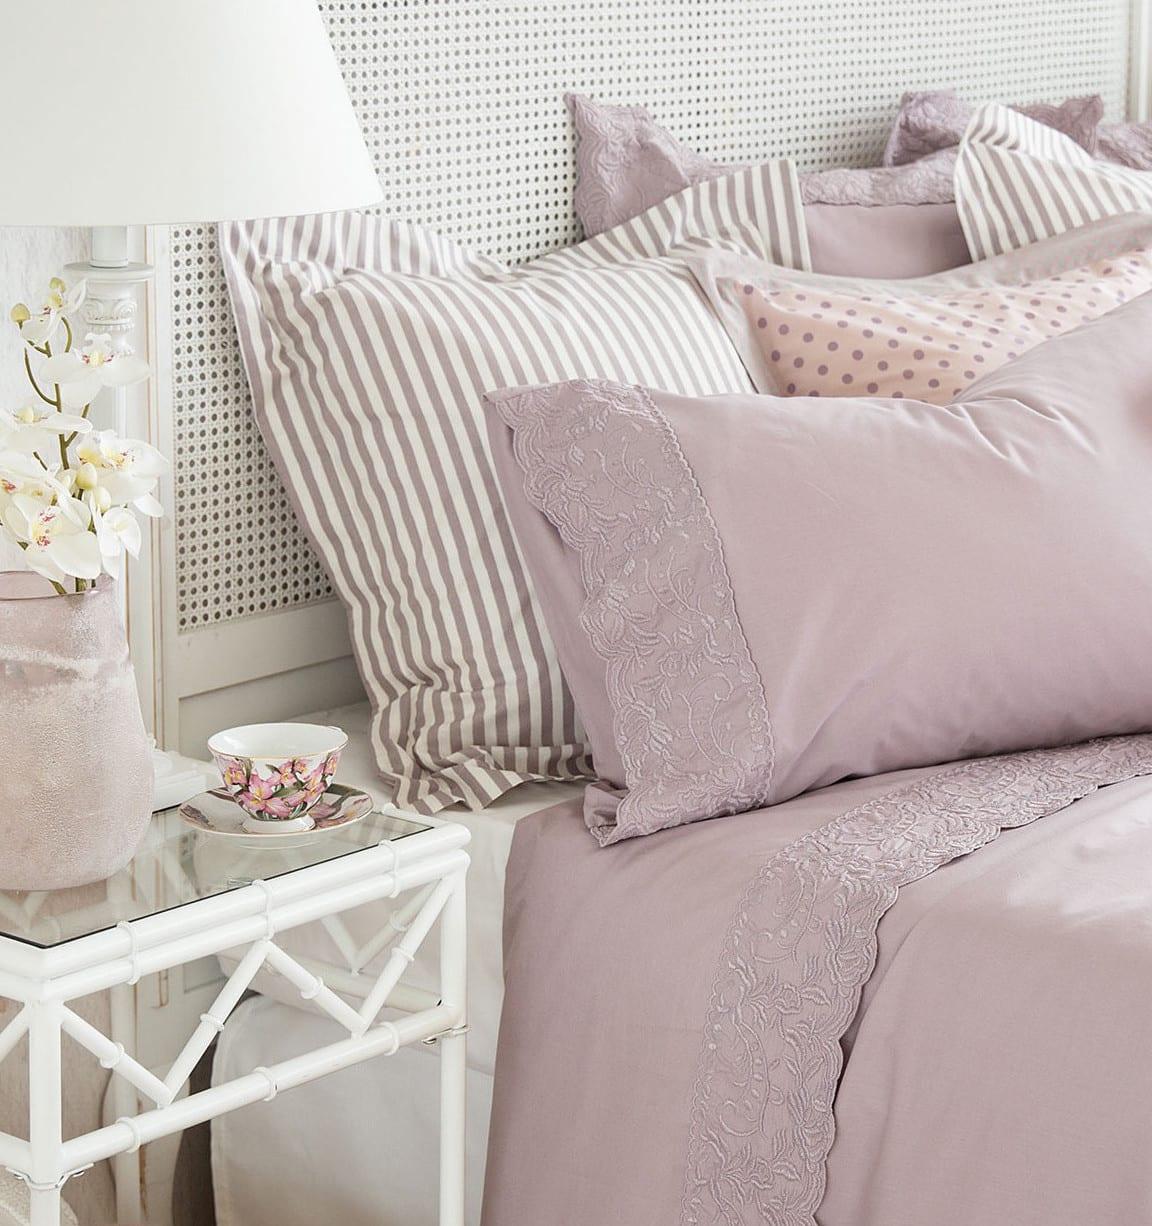 farben schlafzimmer_zara home bettwäsche aus perkal mit stickerei in lila und nachttisch weiß aus holz